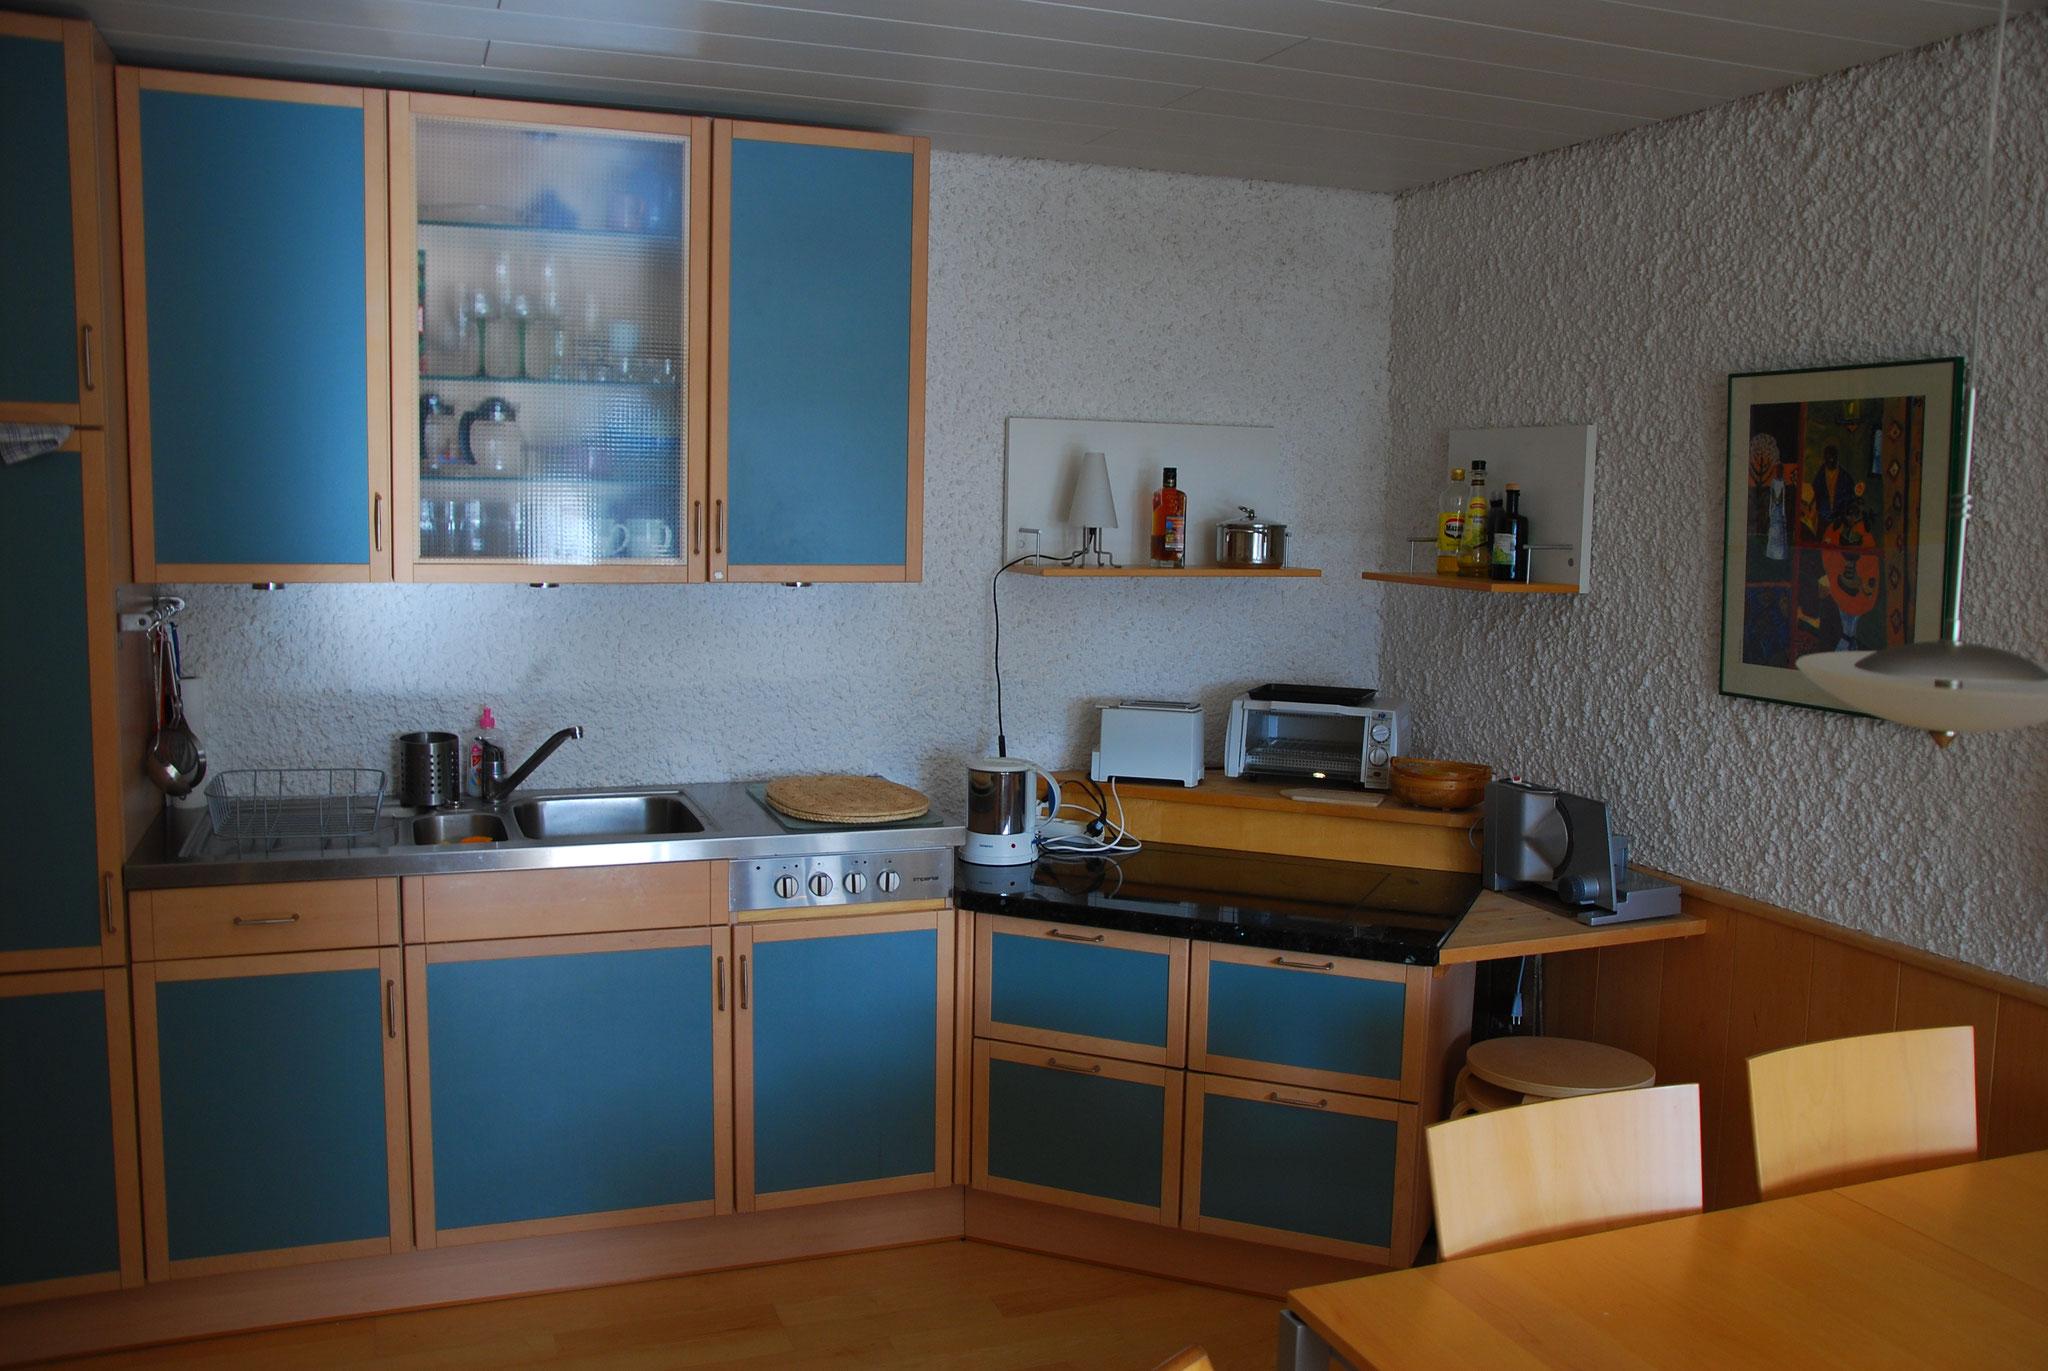 Die Küchenzeile ist direkt im Wohnbereich